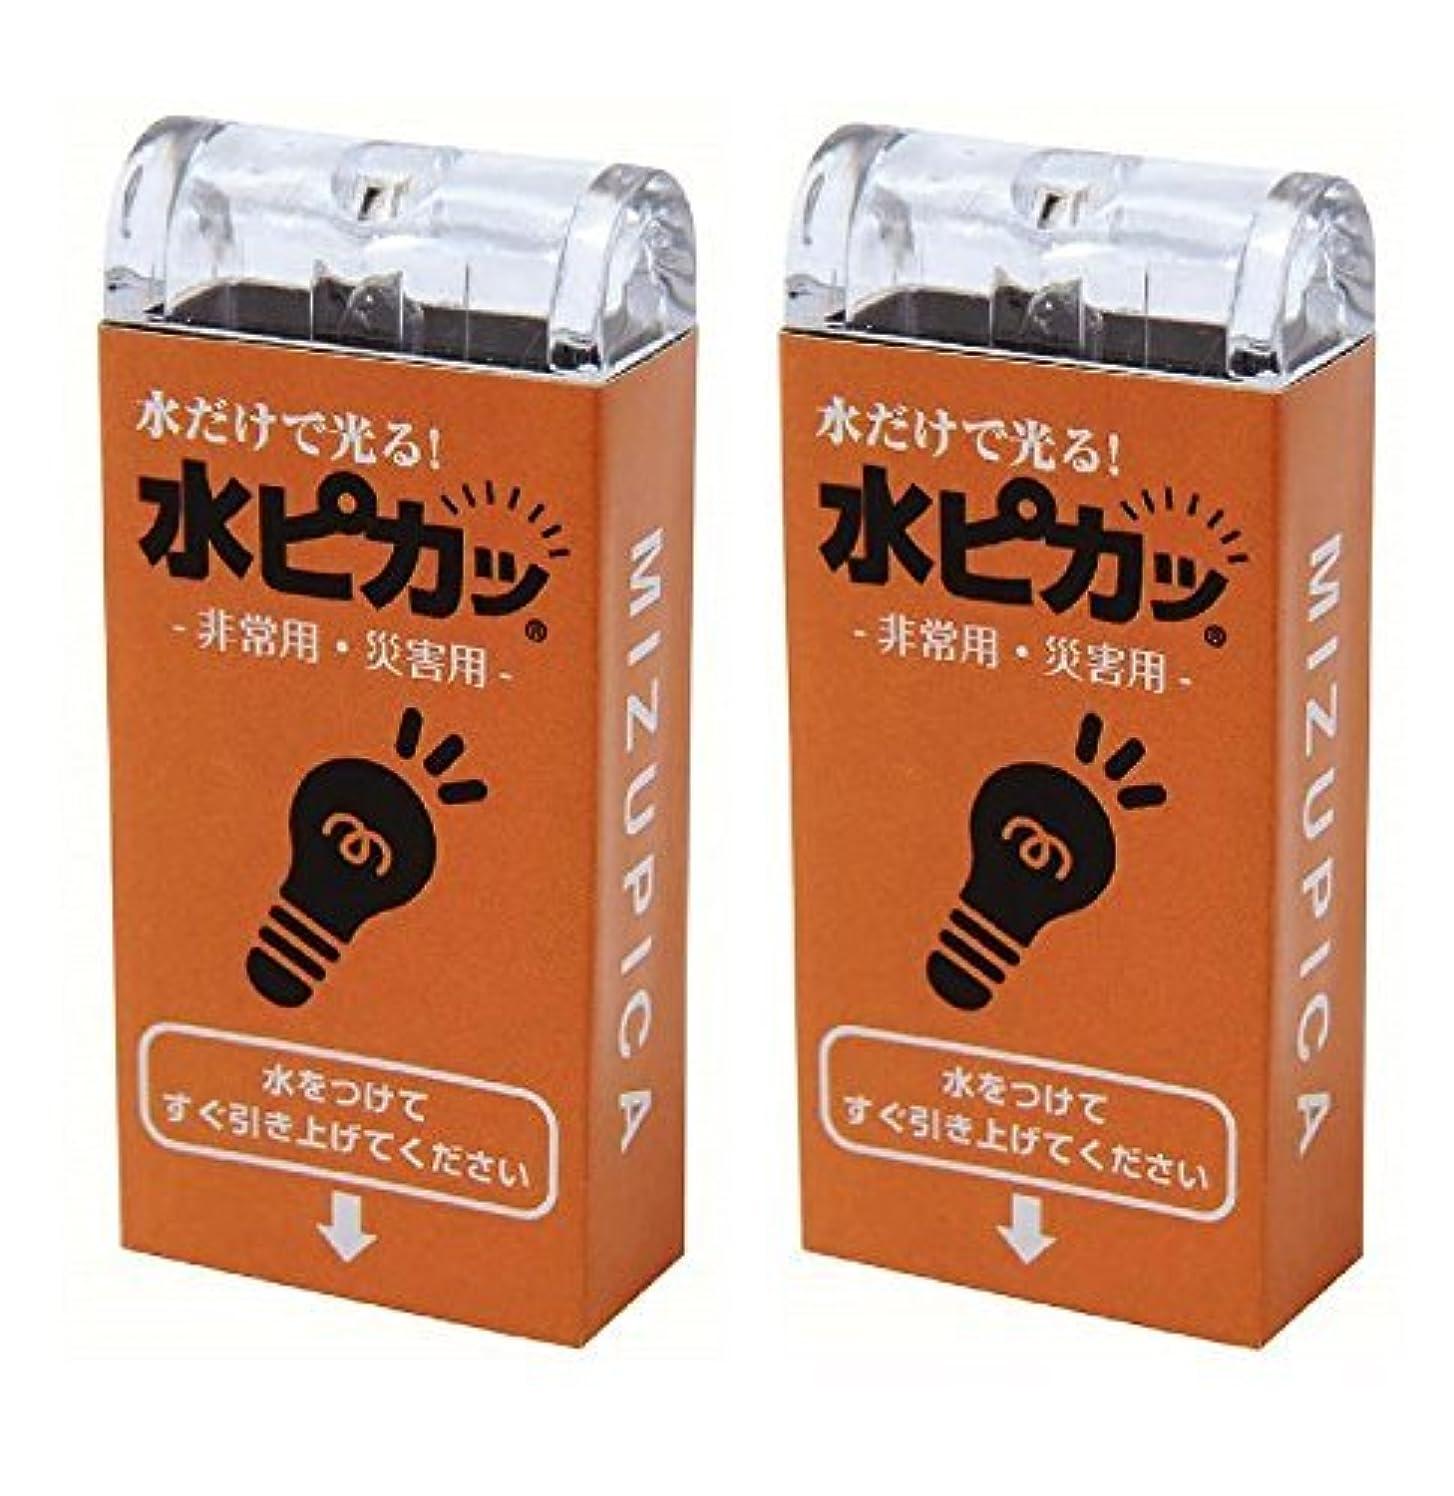 手つかずの所持マイクロフォン水だけで光るライト「水ピカッ」×2個